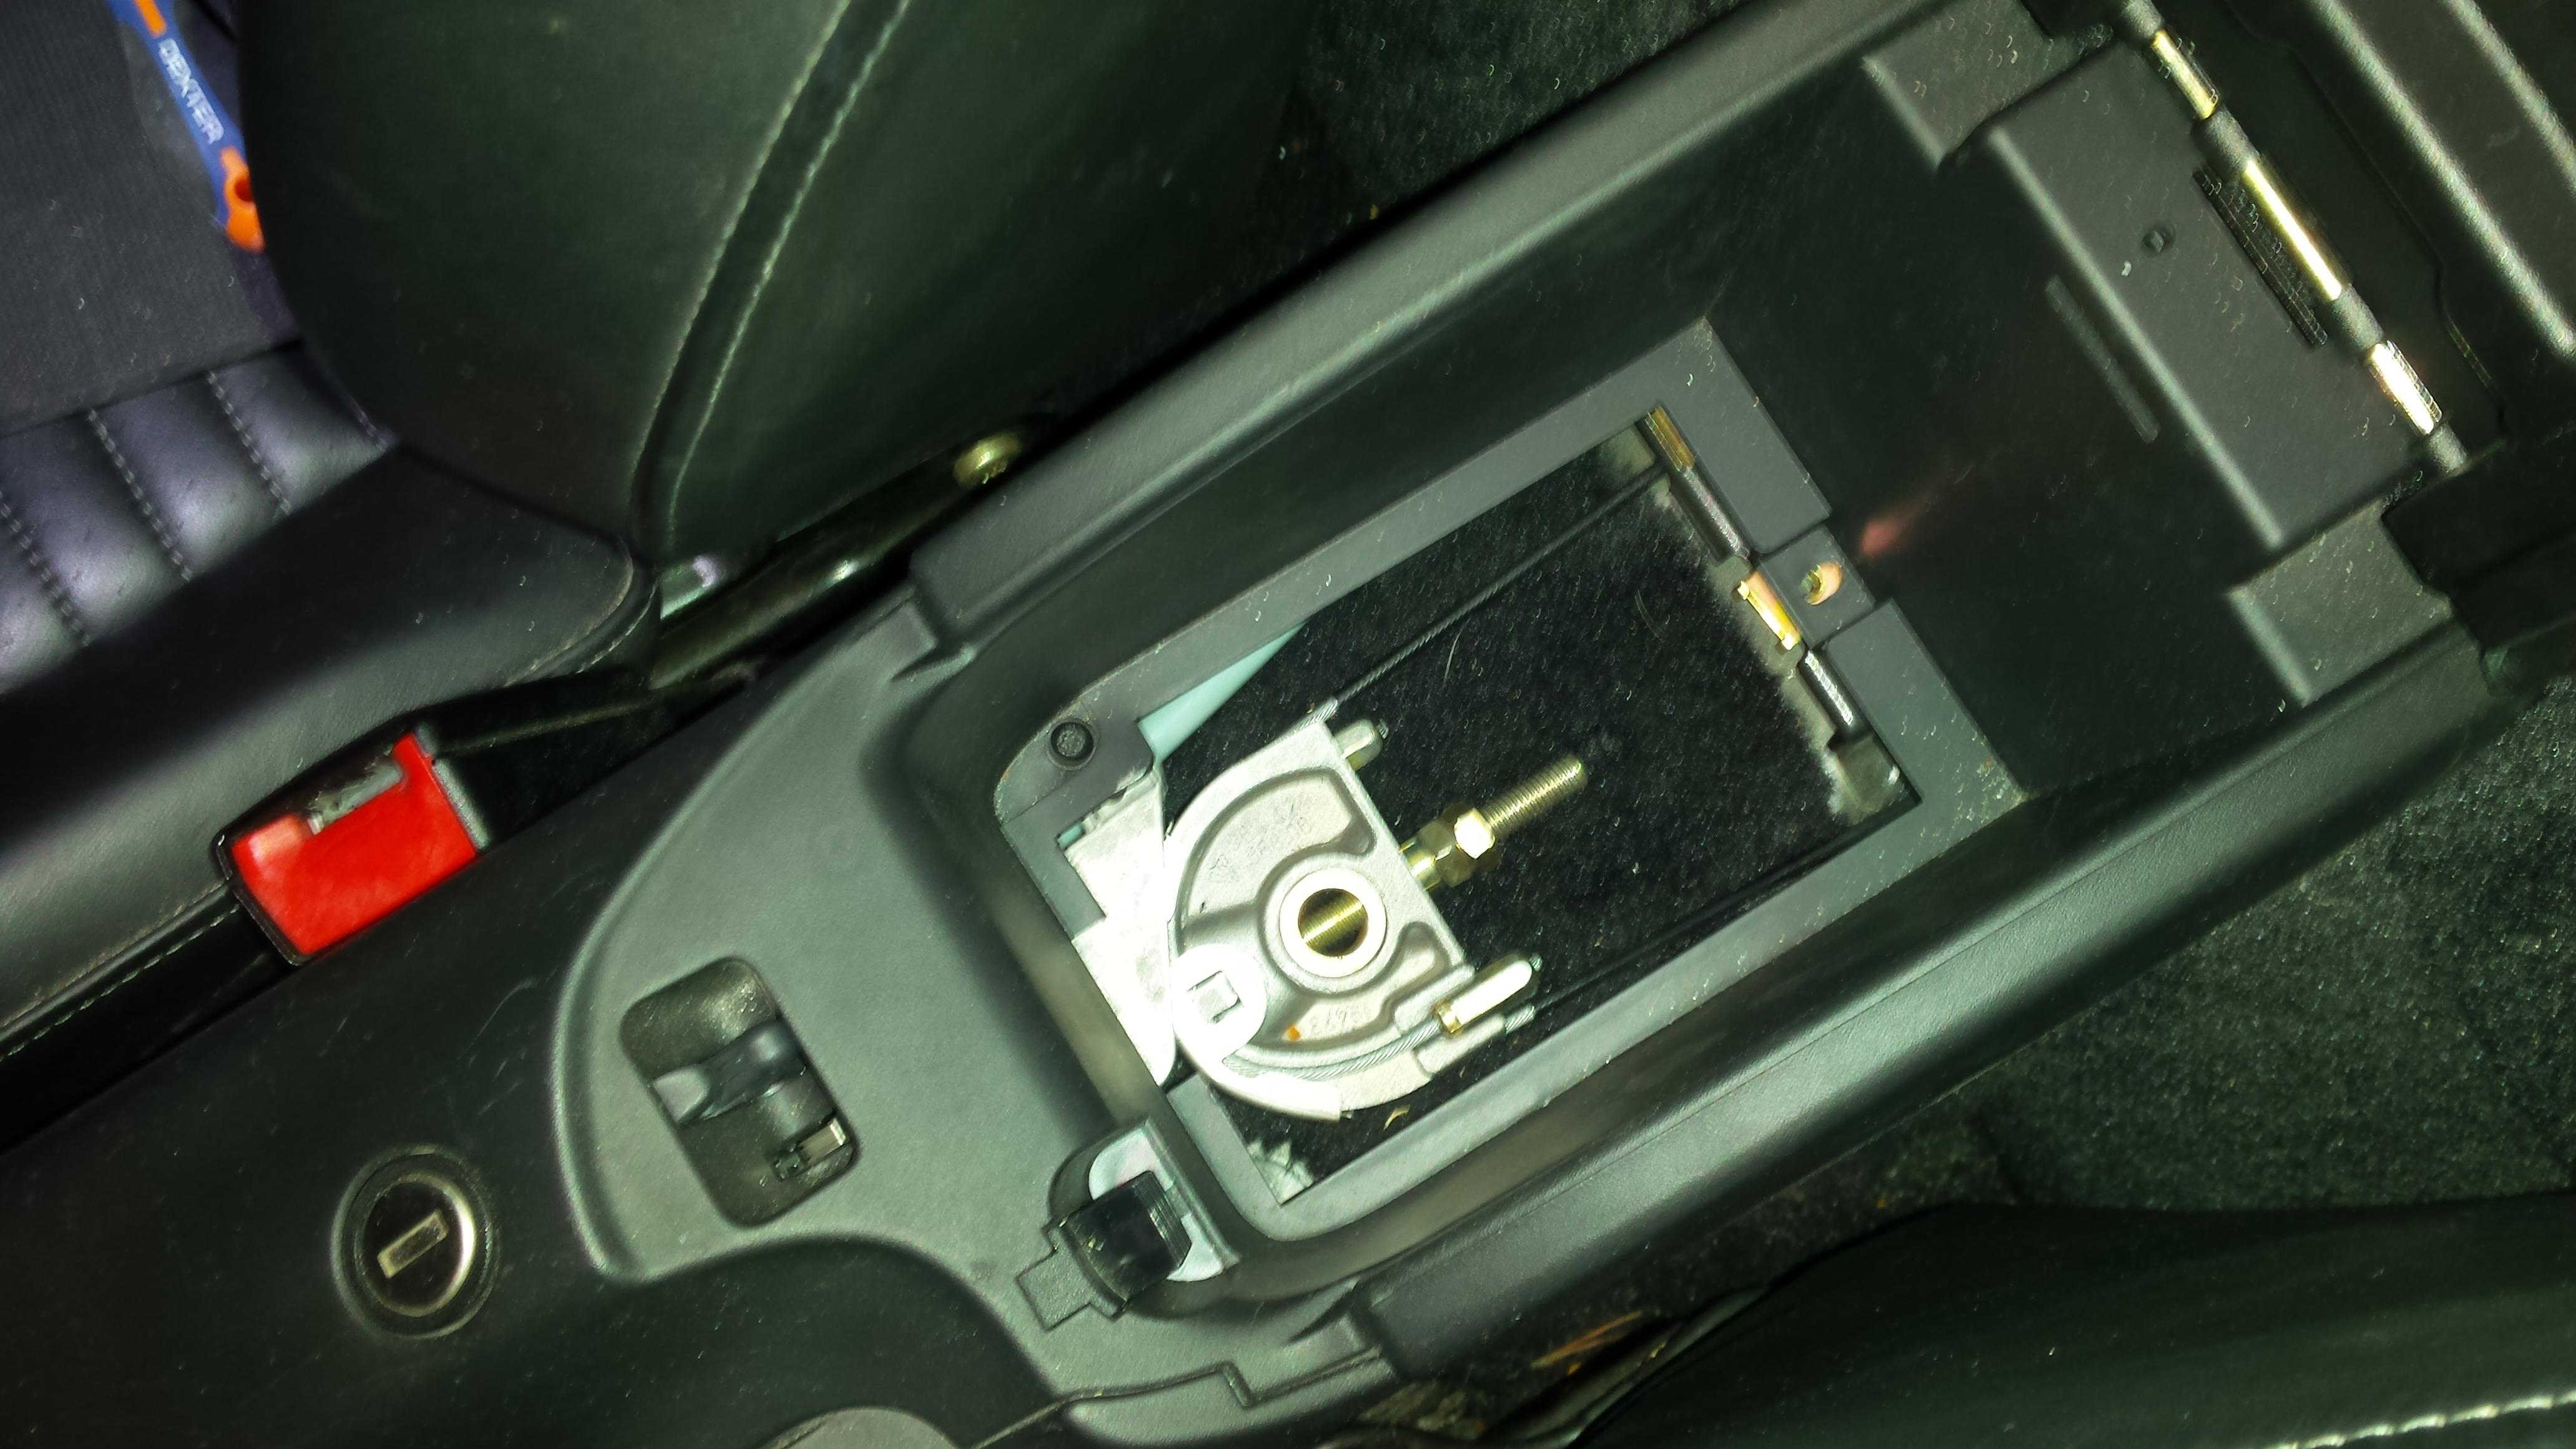 Frein main freins boxster cayman 911 porsche for 1999 porsche boxster window regulator